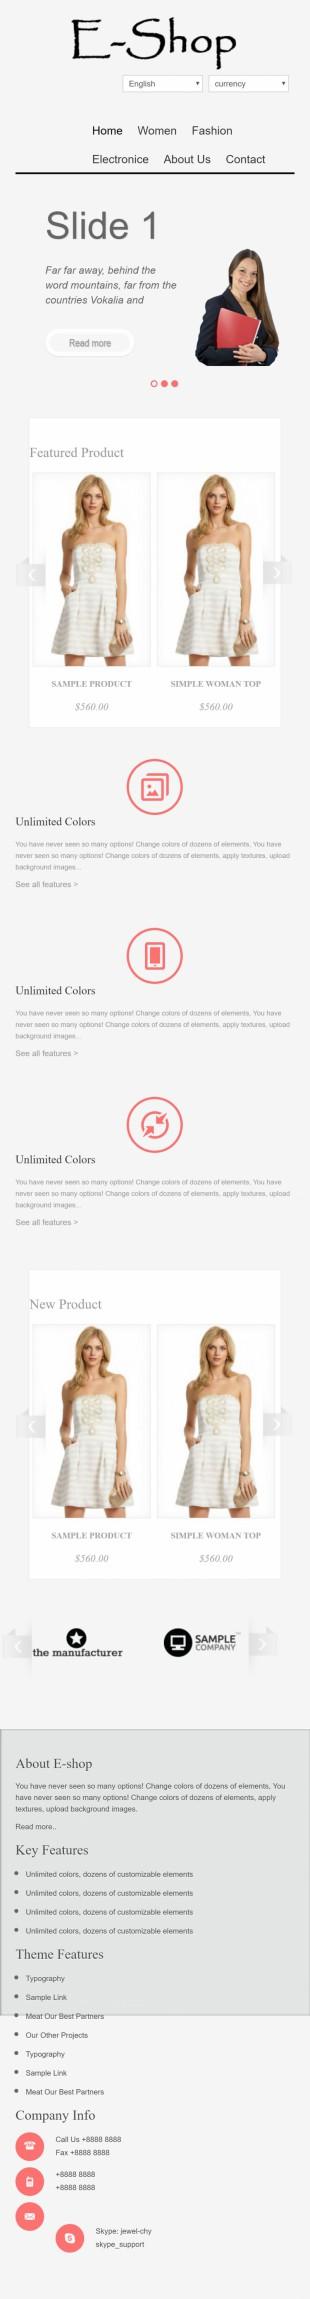 时装在线购物商城首页网站模板制作手机图片